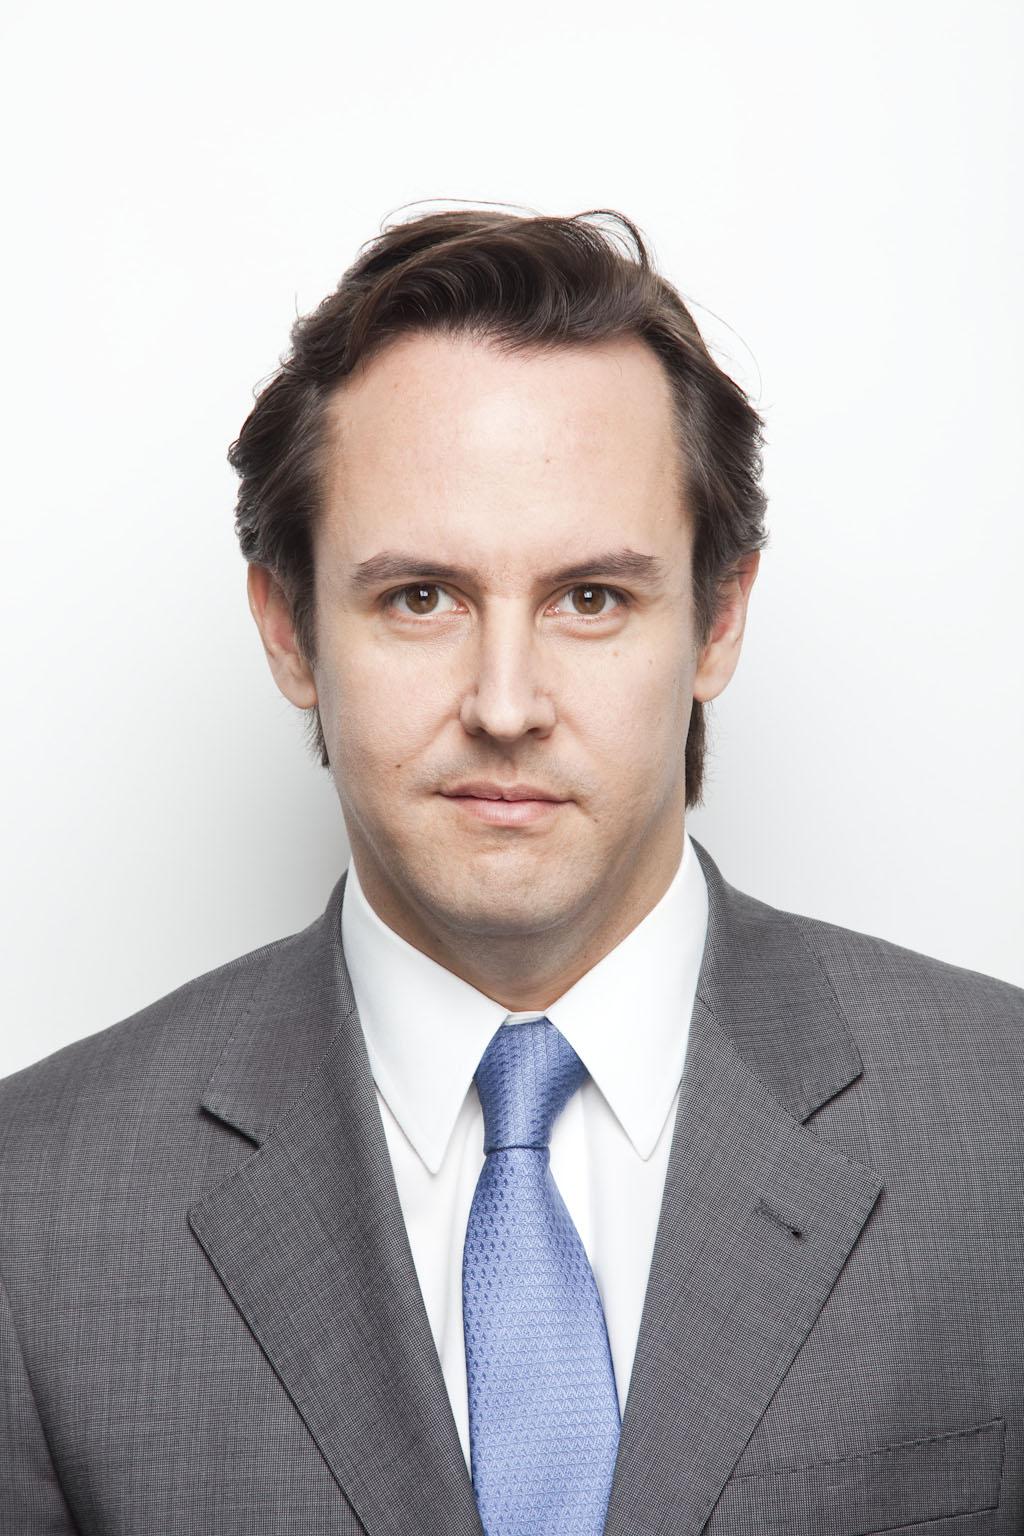 Álvaro Bonnardeaux steps into new European role as TMC continues international expansion